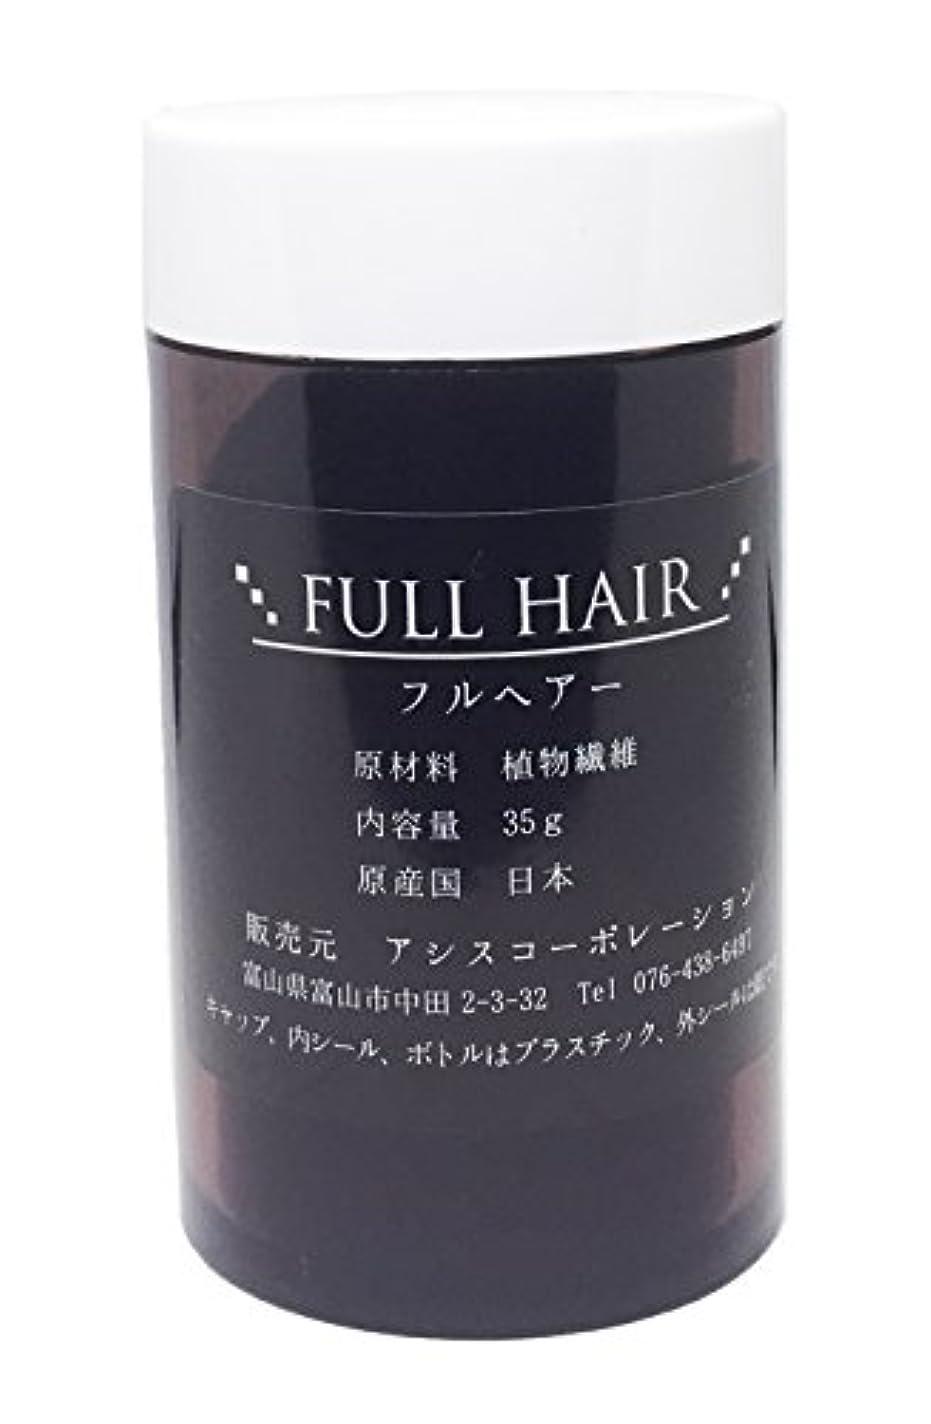 言い聞かせる飾る内なるフルヘアー 35g ブラウン 増毛パウダー 薄毛隠し 円形脱毛症に